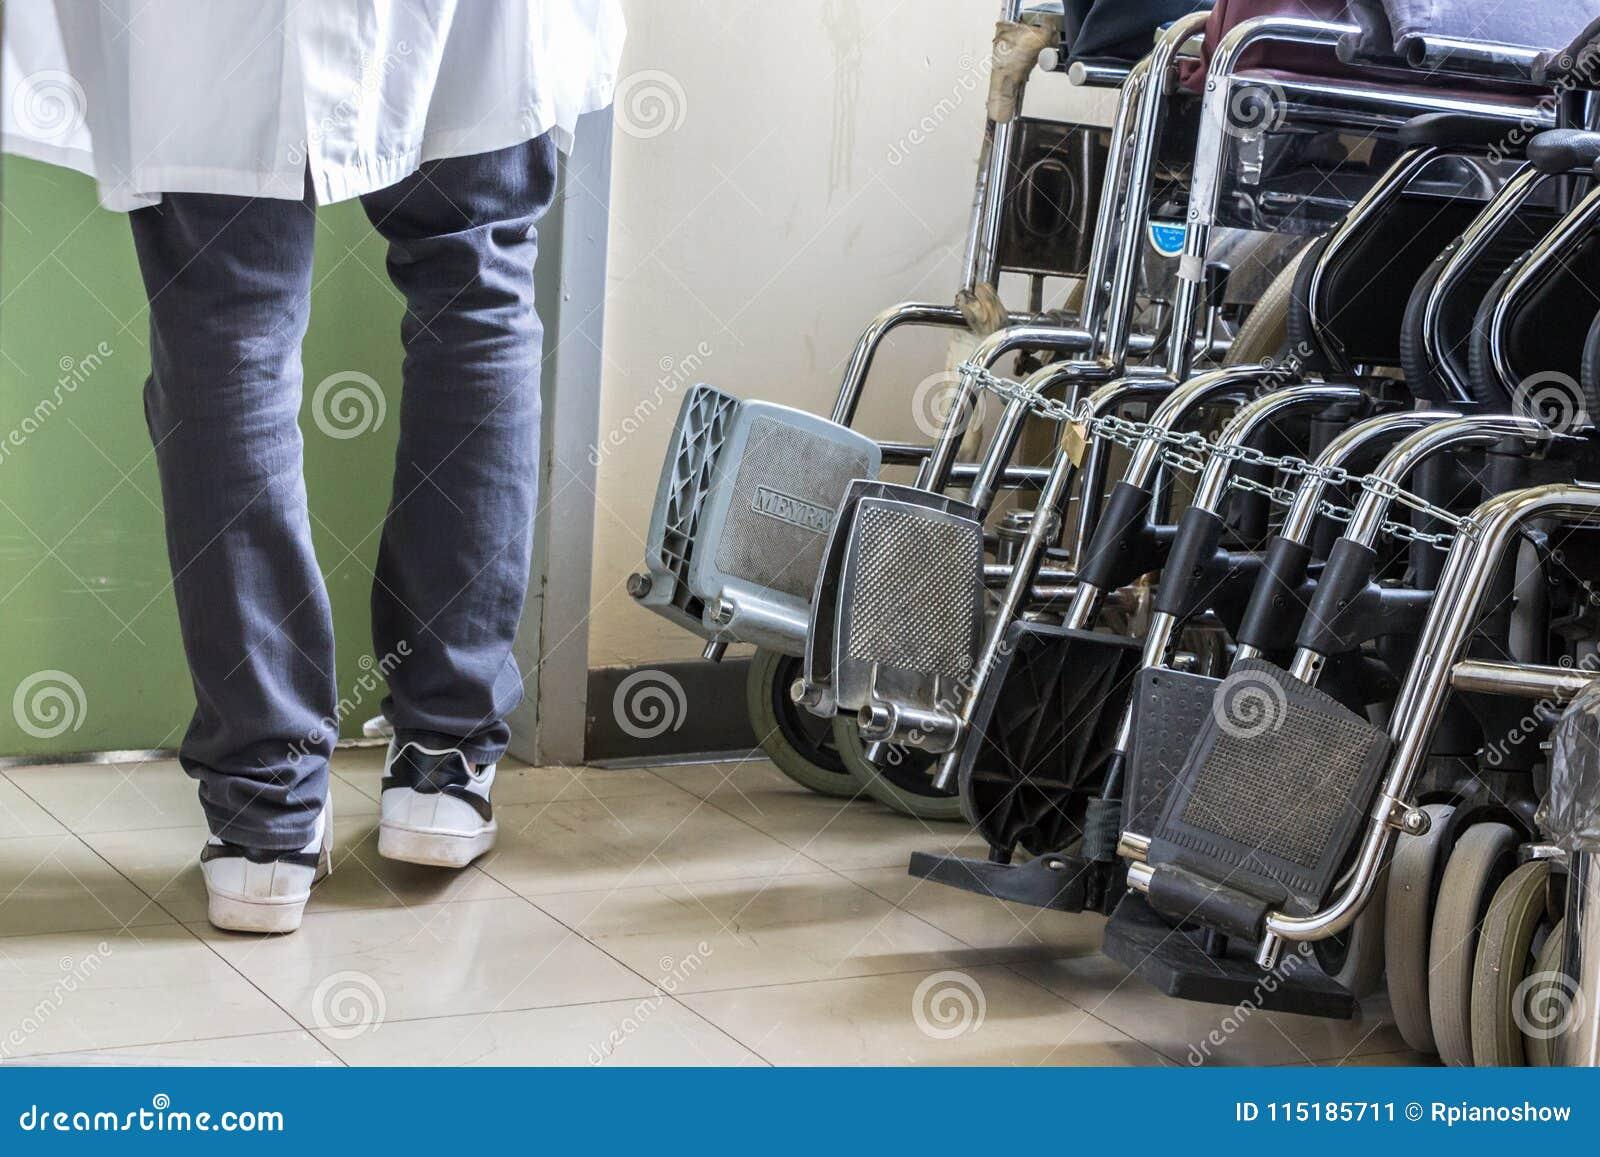 Hospital wheelchairs at the University Hospital of Ioannina, Greece.